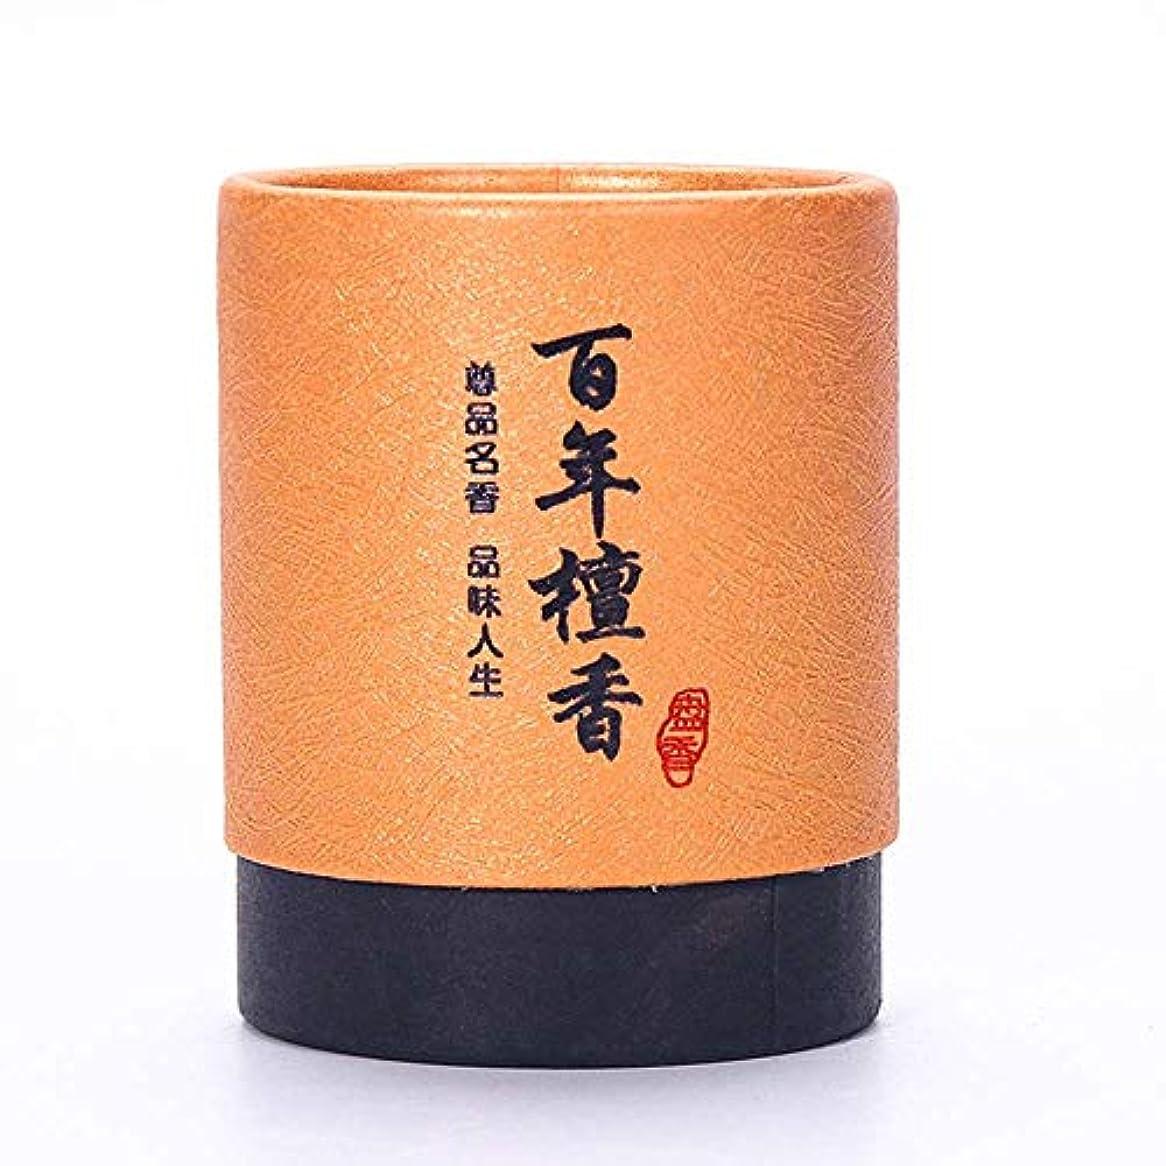 仲間、同僚節約する然としたHwaGui お香 2時間 盤香 渦巻き線香 優しい香り 48巻入 (百年檀香)